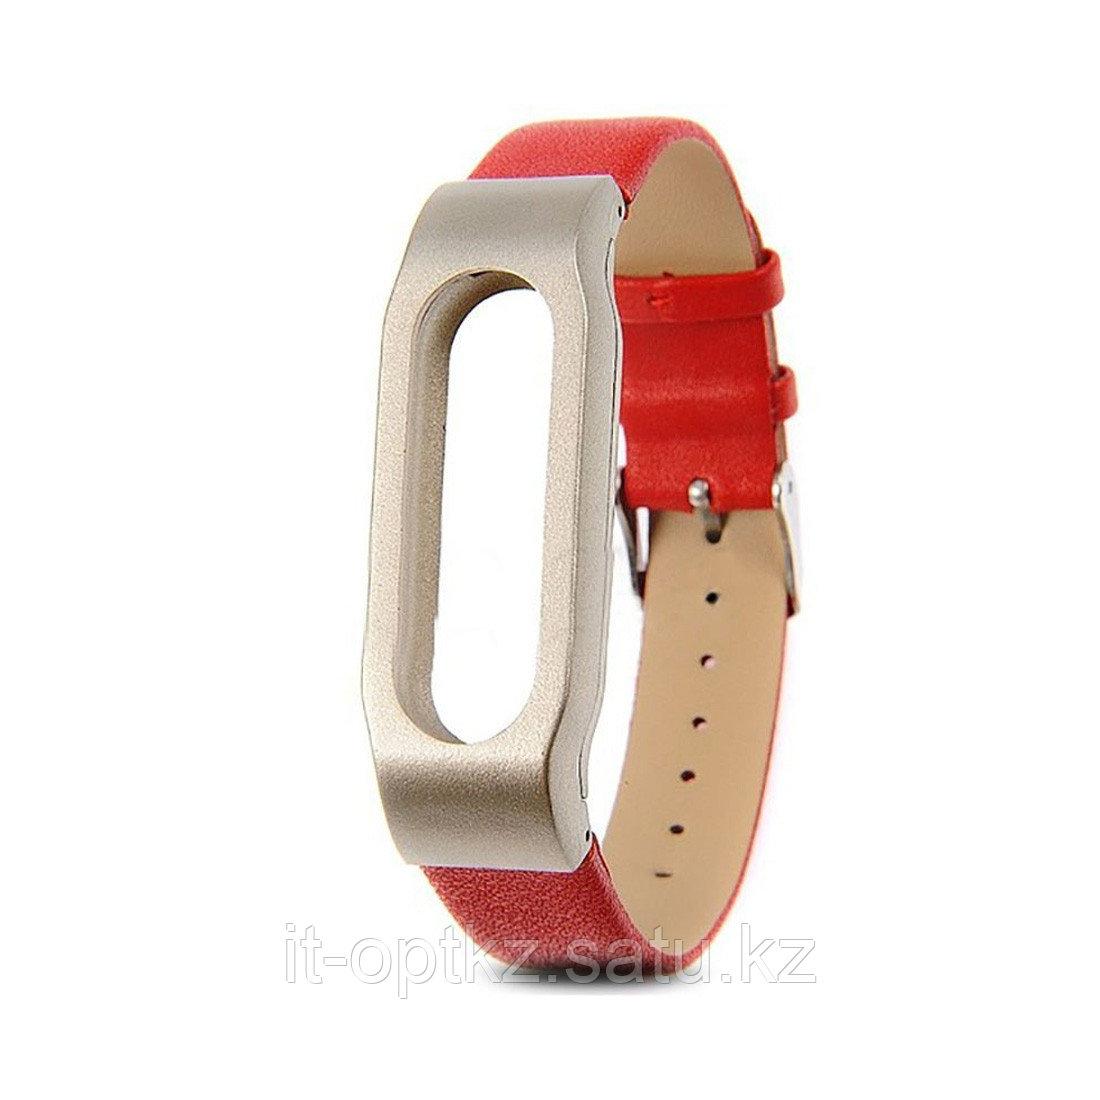 Сменный кожаный браслет для Xiaomi Mi Band 2 Красный